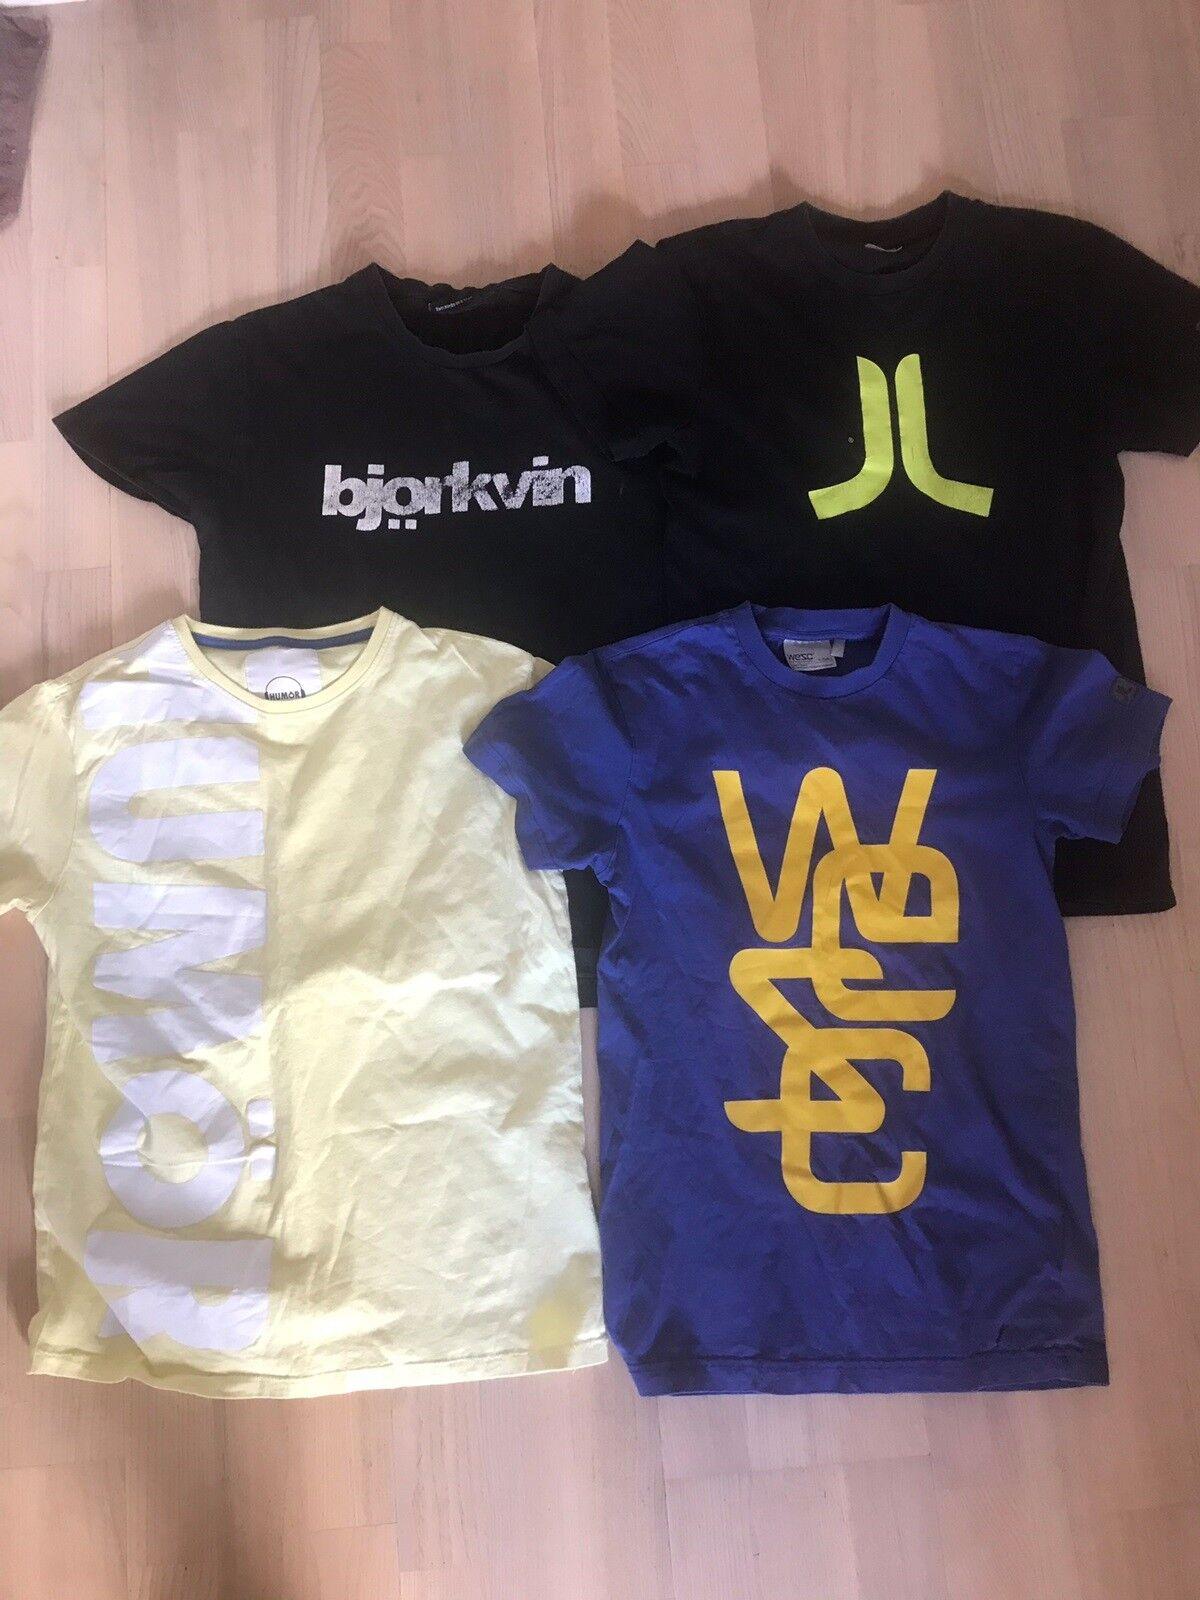 T shirt, BJØRKWIN, WESC